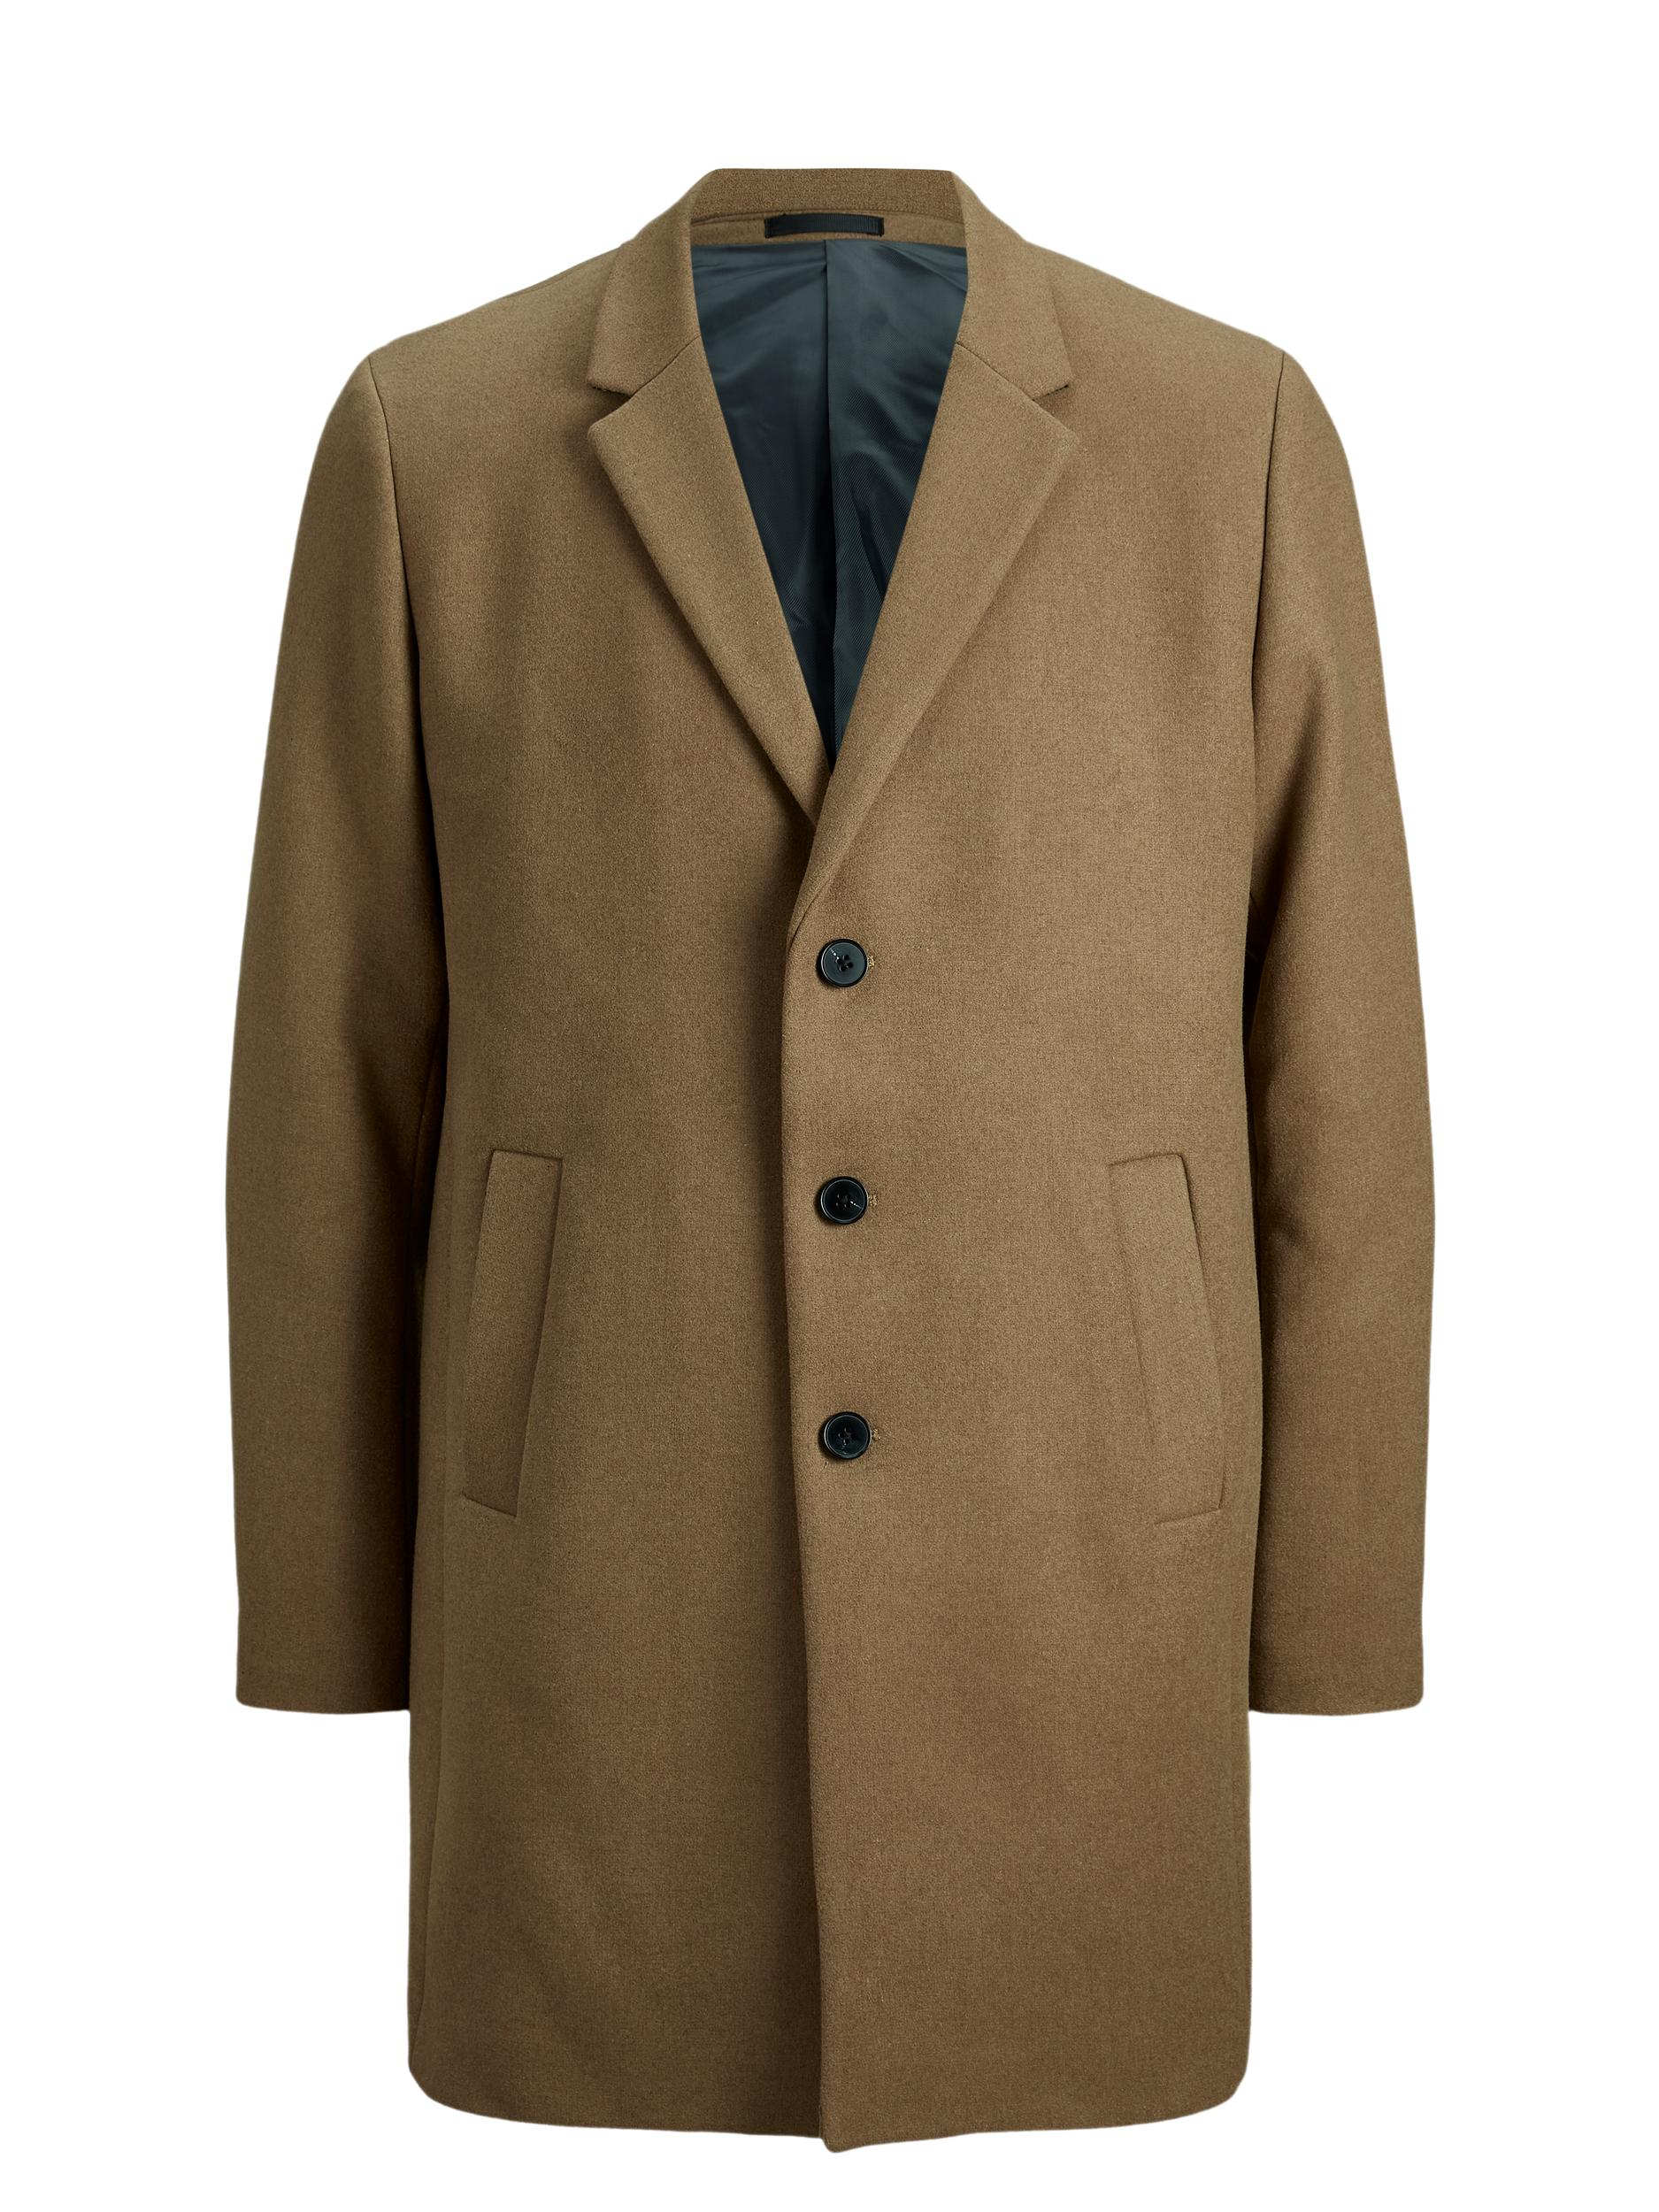 Jack & Jones Moulder uld frakke, khaki, large